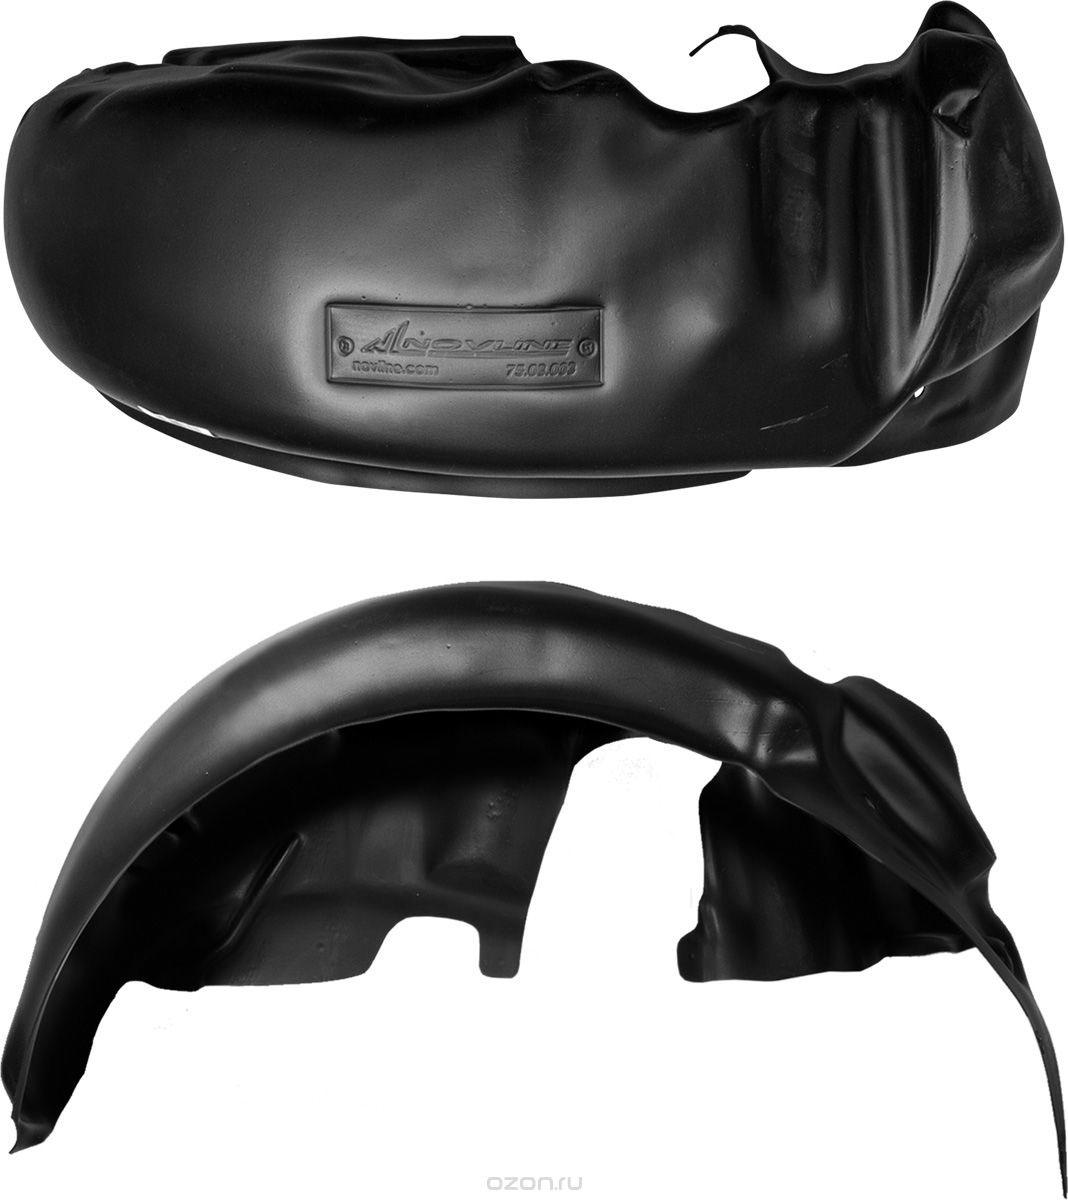 Подкрылок Novline-Autofamily, для FIAT Ducato, 2012->, задний левыйNLL.15.11.003Идеальная защита колесной ниши. Локеры разработаны с применением цифровых технологий, гарантируют максимальную повторяемость поверхности арки. Изделия устанавливаются без нарушения лакокрасочного покрытия автомобиля, каждый подкрылок комплектуется крепежом. Уважаемые клиенты, обращаем ваше внимание, что фотографии на подкрылки универсальные и не отражают реальную форму изделия. При этом само изделие идет точно под размер указанного автомобиля.